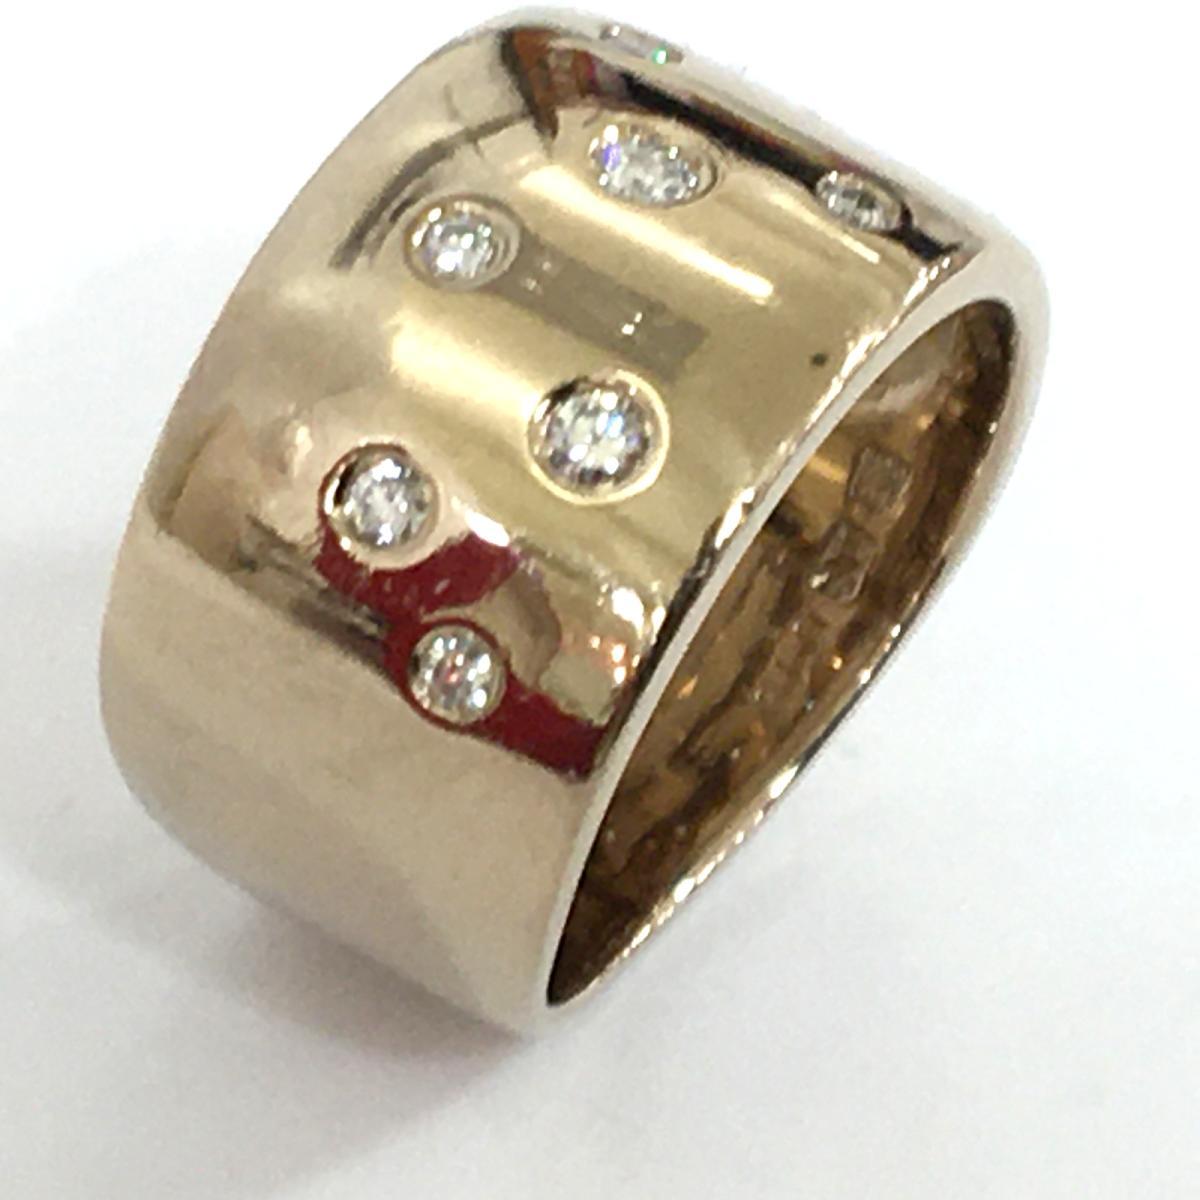 JEWELRY(ジュエリー)/ジュエリー ダイヤモンド リング 指輪/リング/ゴールド系/K18YG(750)イエローゴールド×ダイヤモンド(0.19ct)/【ランクA】/12号【中古】